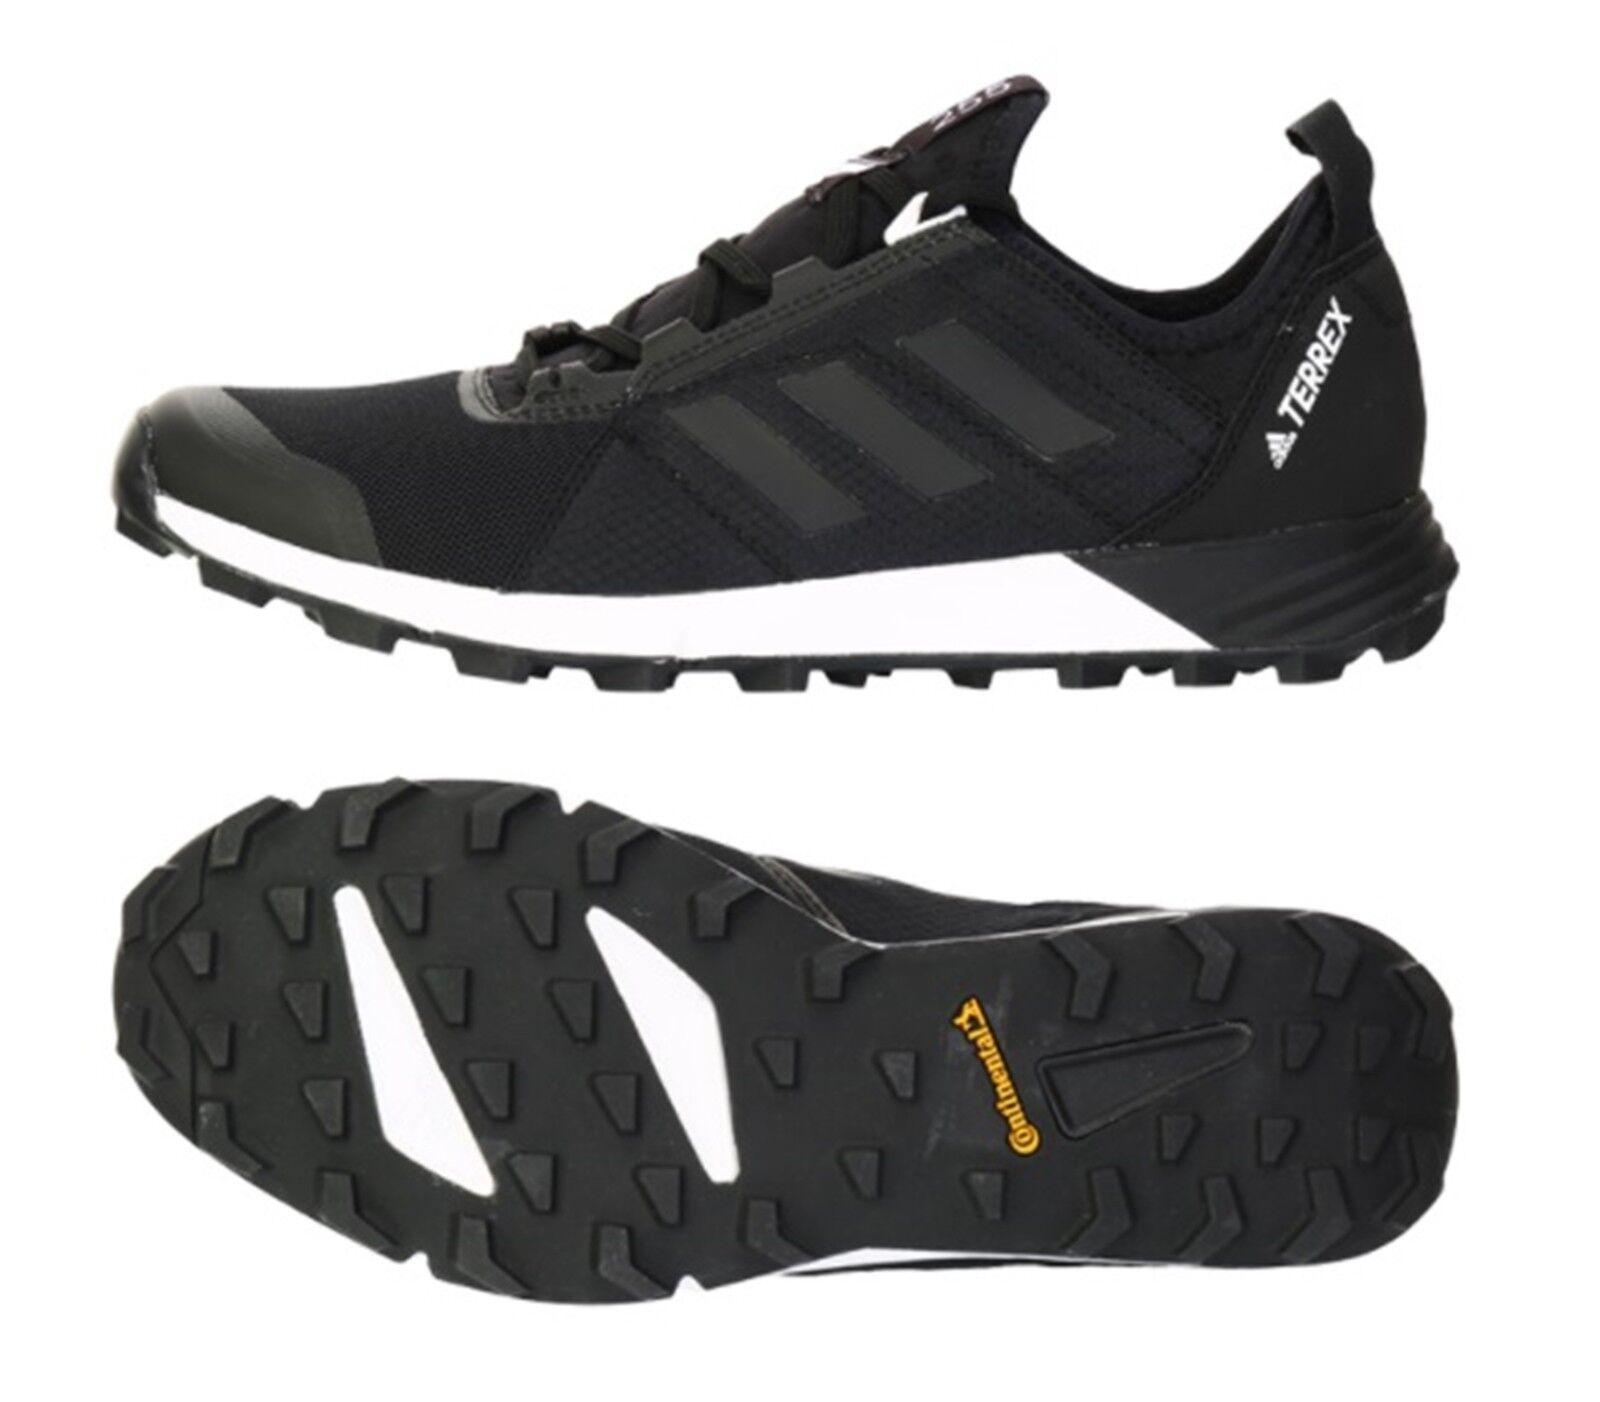 Adidas Hombre Terrex ingravidez Velocidad Entrenamiento Calzado Tenis Zapato de correr gimnasio BB1955